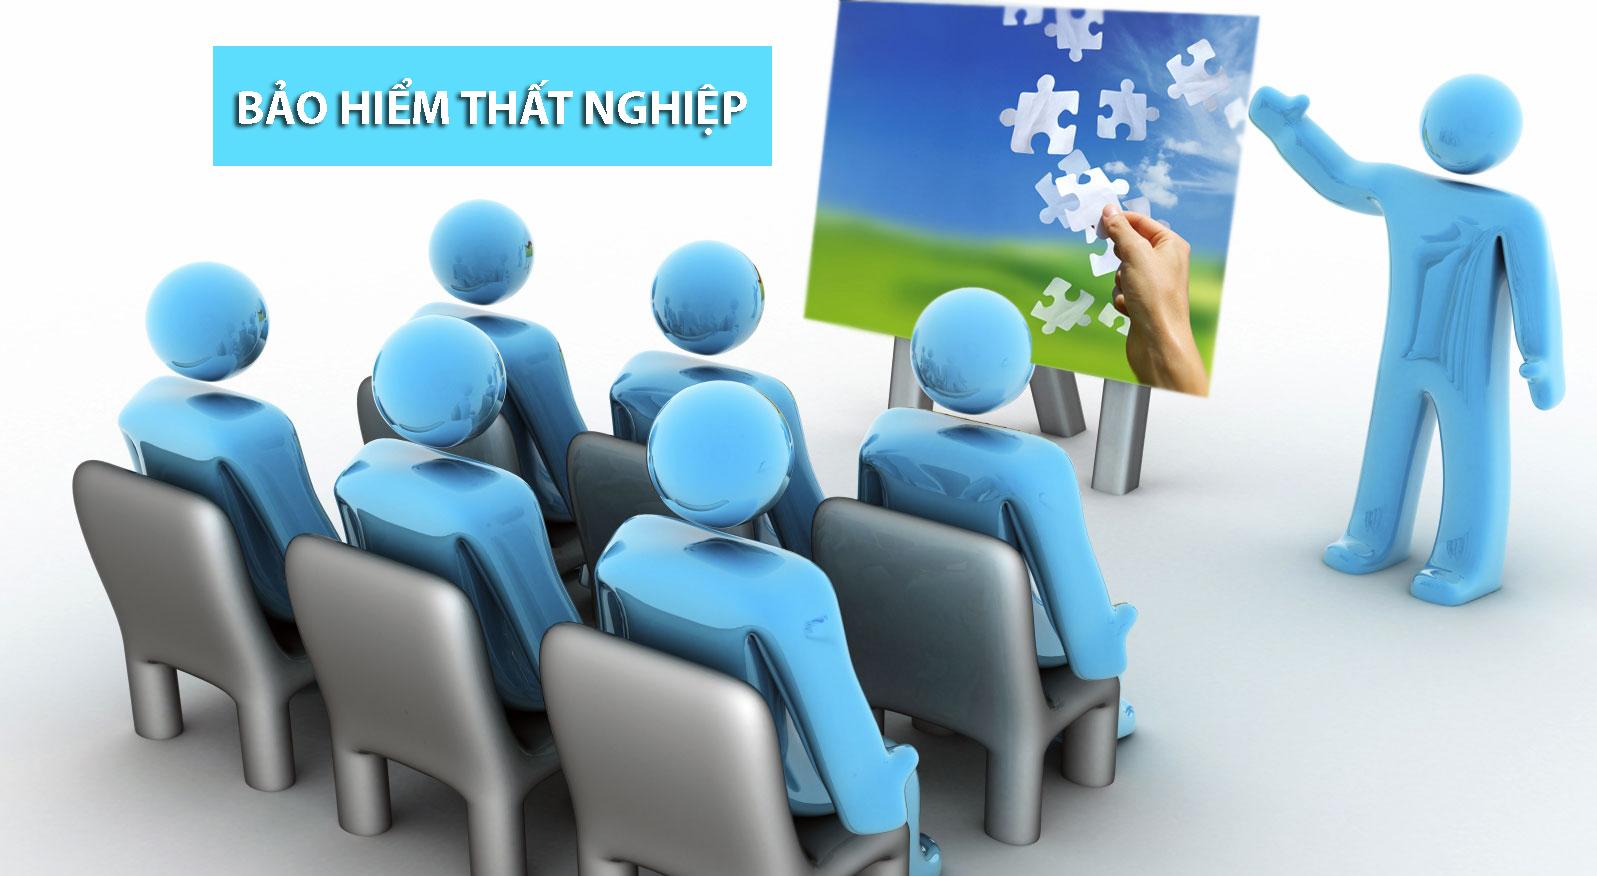 Thành lập doanh nghiệp sau khi nghỉ việc có đủ điều kiện nhận bảo hiểm thất nghiệp